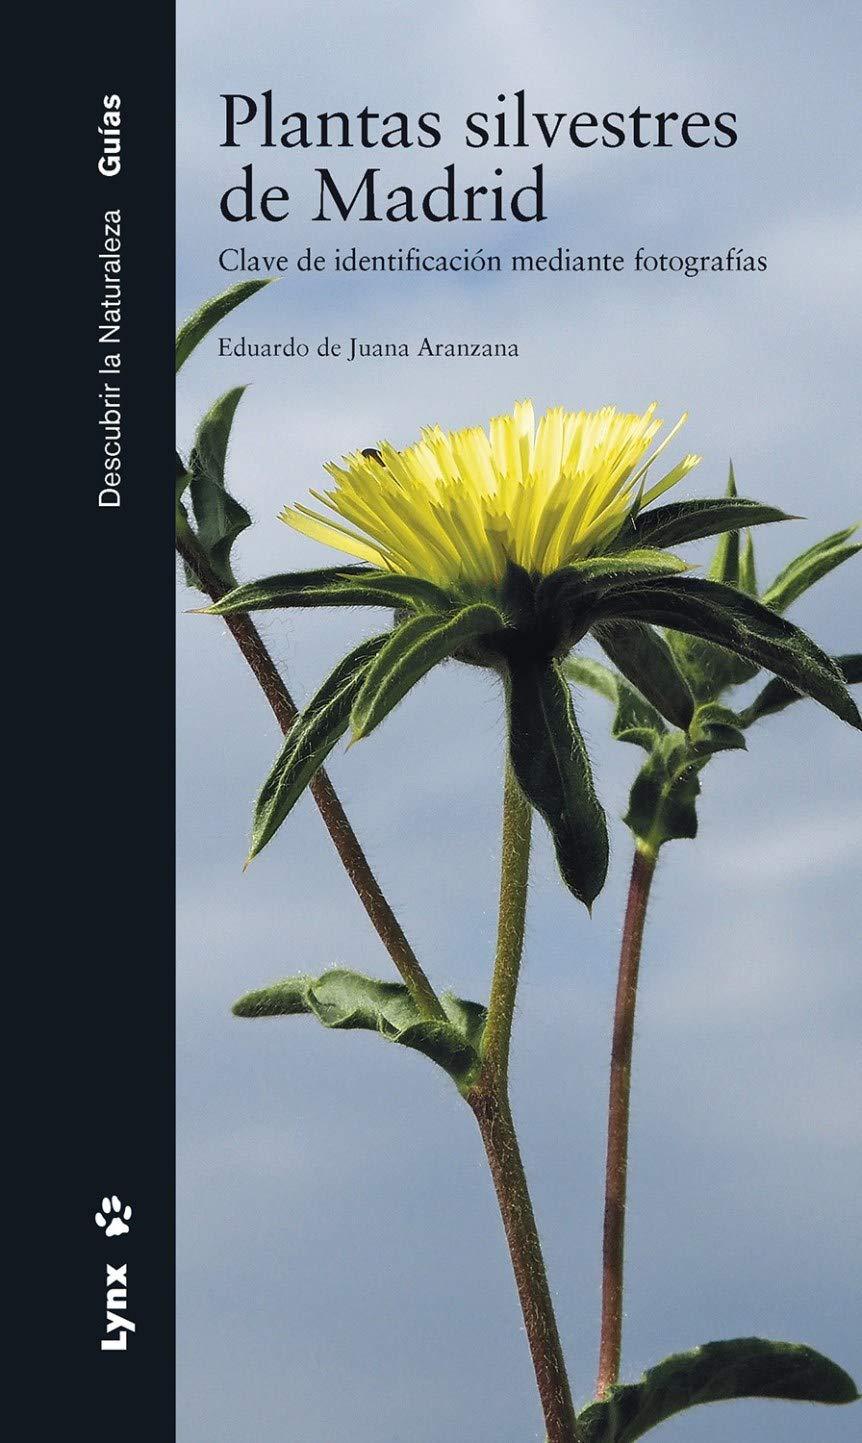 Plantas silvestres de Madrid: Clave de identificación mediante fotografías Descubrir la naturaleza. Guías: Amazon.es: de Juana Aranzana, Eduardo: Libros